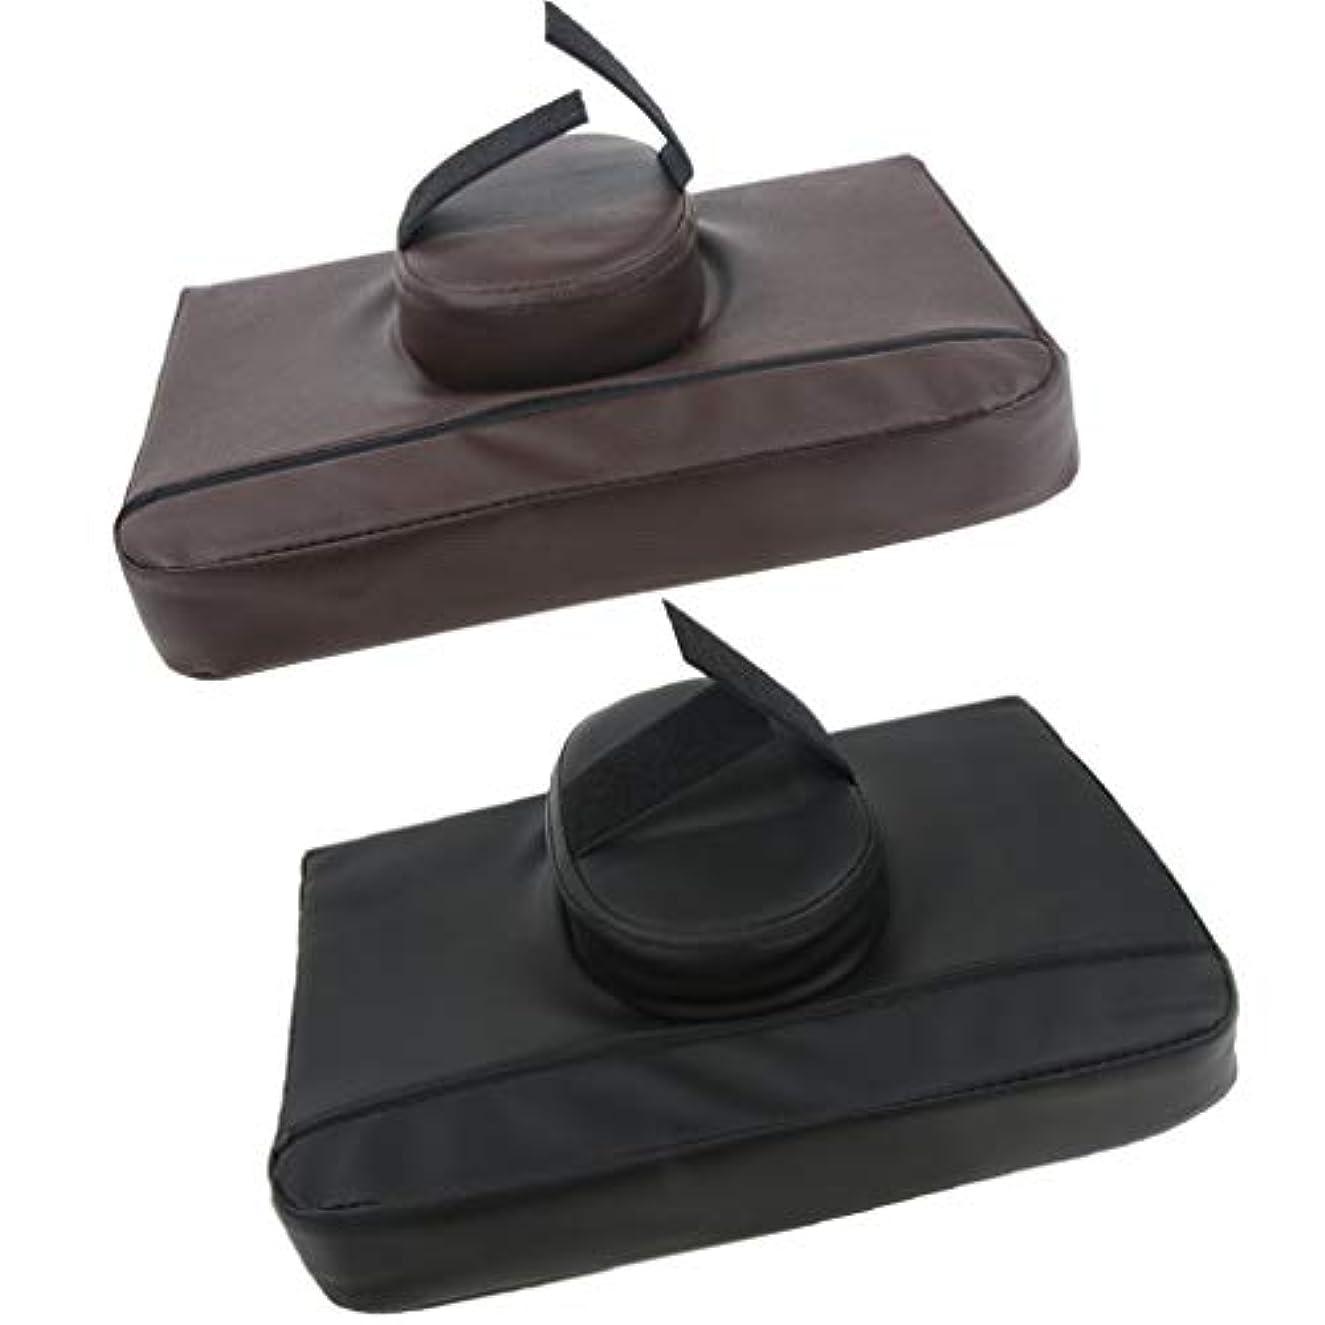 引き算異常罰する2個 マッサージ枕 マッサージピロー スクエア マッサージテーブル用 通気性 快適 プレゼント